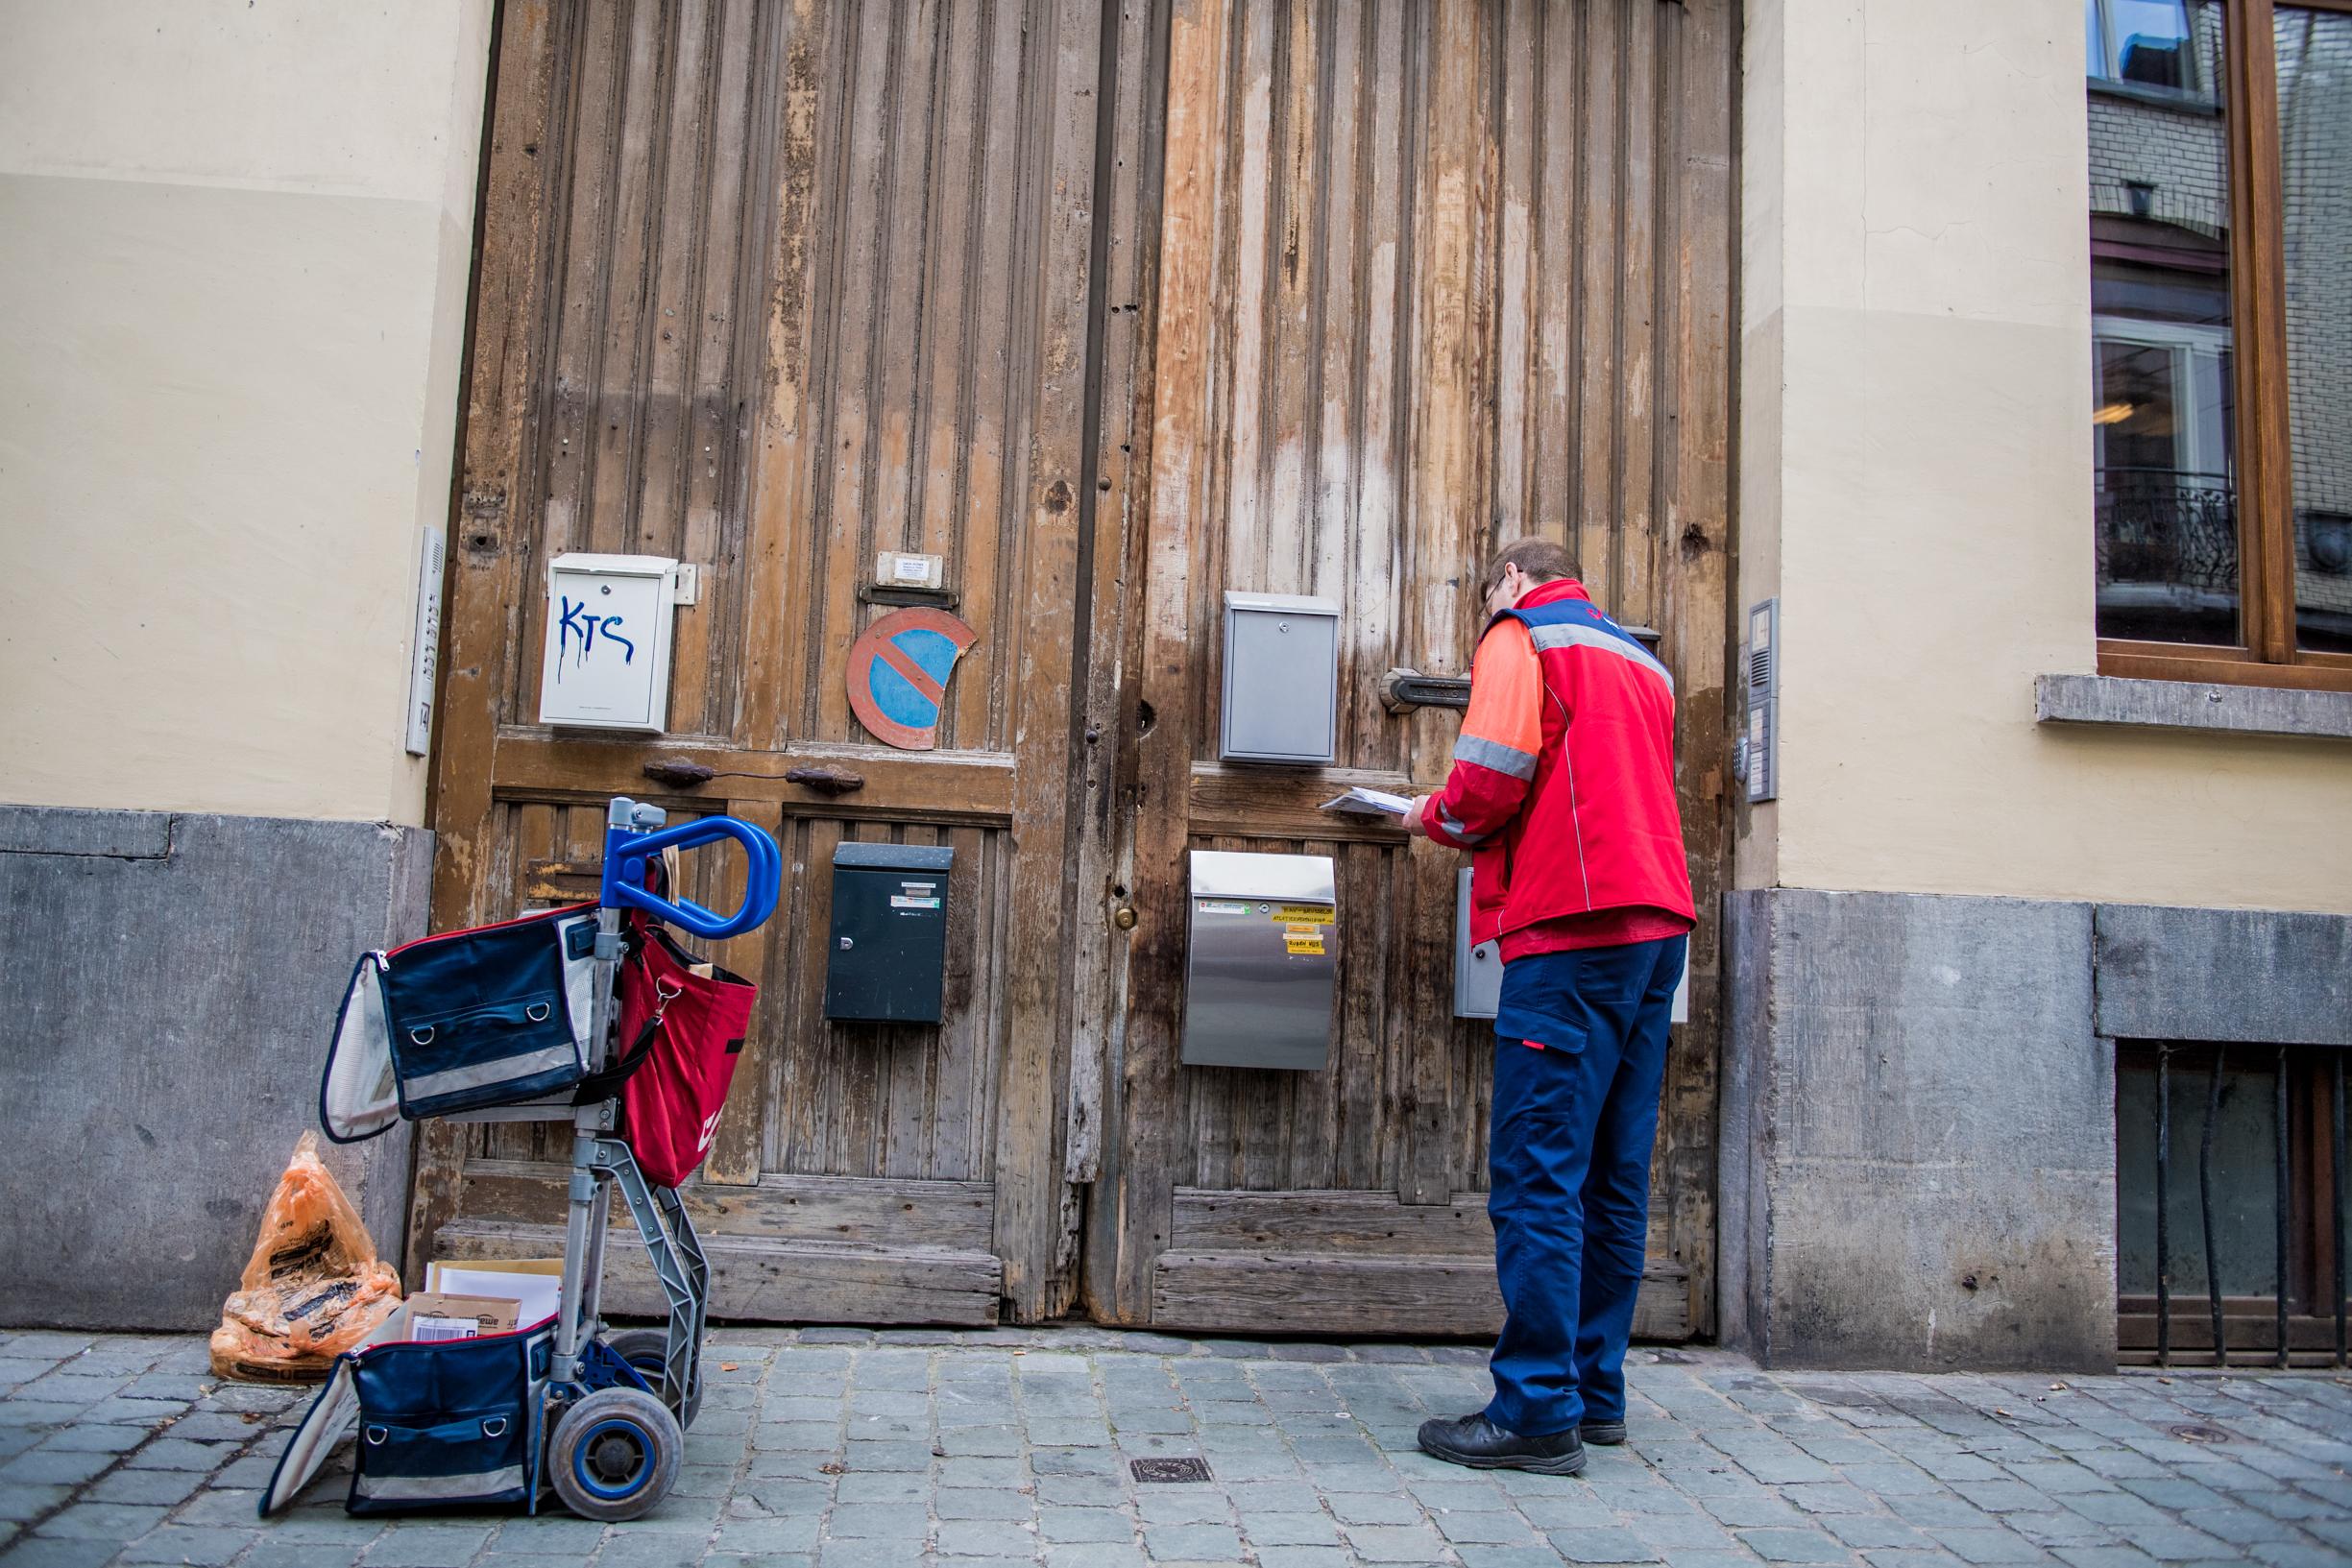 BRUXELLES, illustration facteur courrier bpost la poste lettre boite aux lettres enveloppe.GOLINVAUX MATHIEU./LESOIR